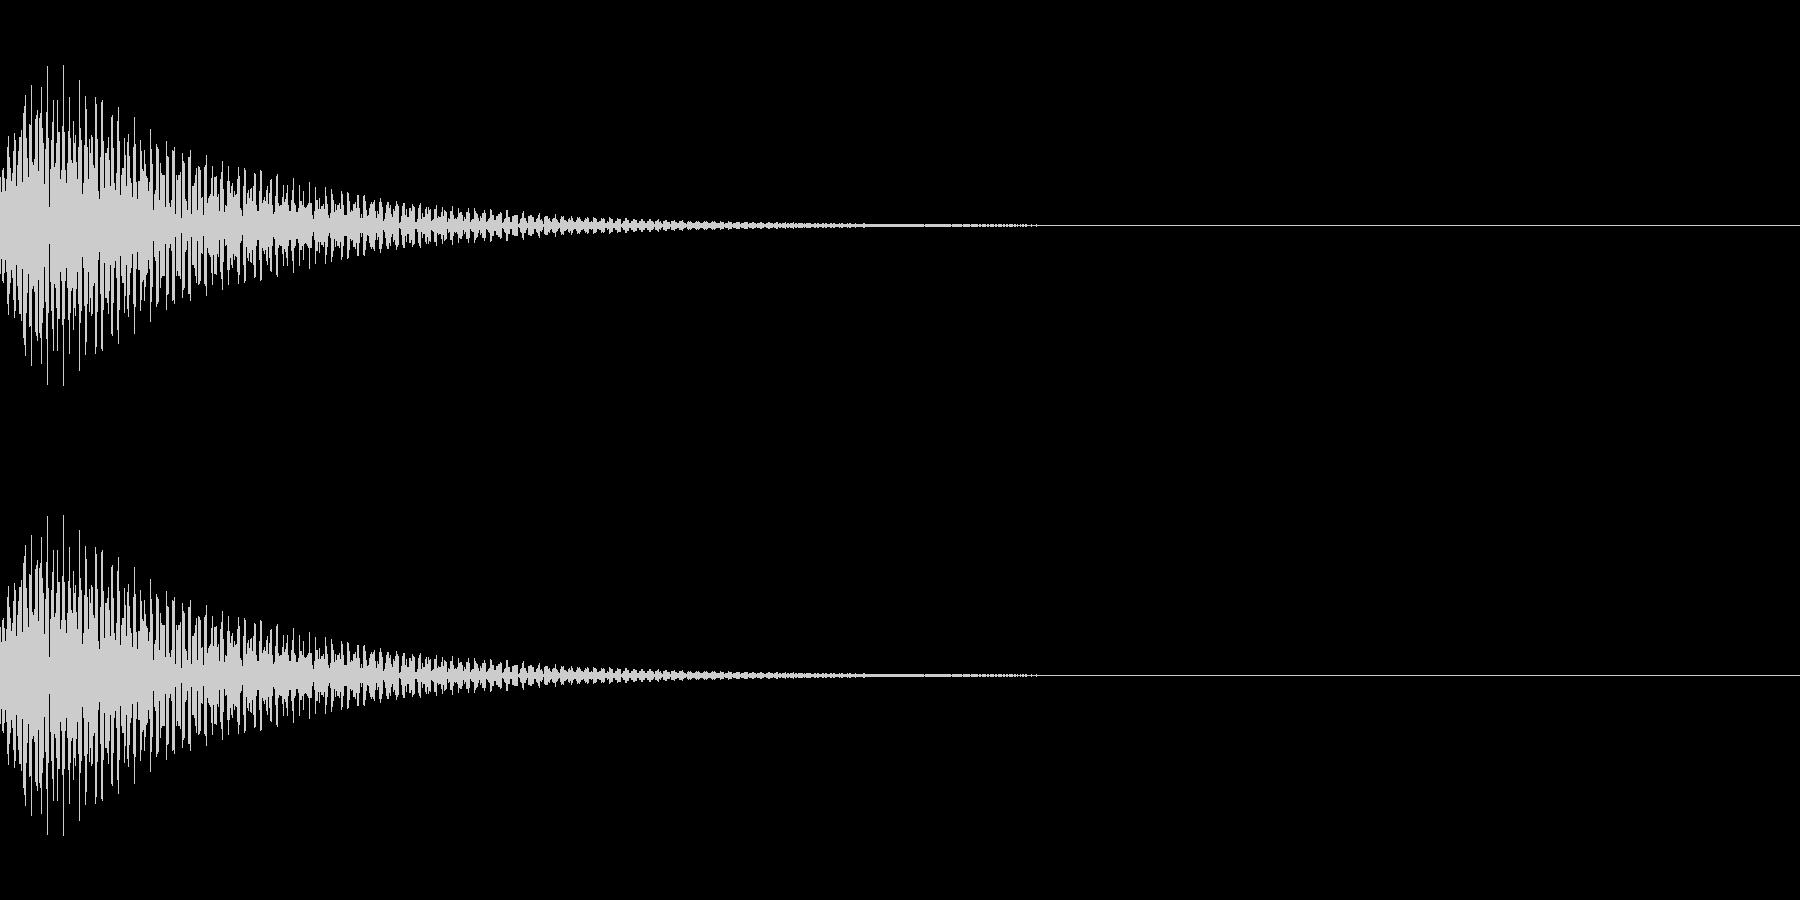 ポンッ SEの未再生の波形